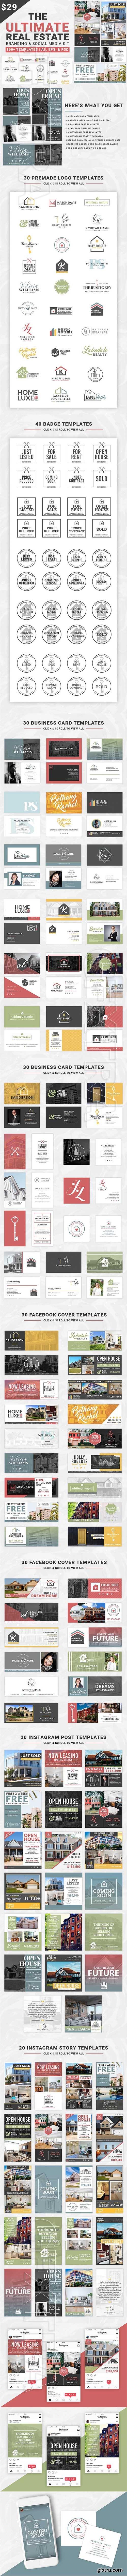 GR - Real Estate Branding & Social Media Kit 22009756